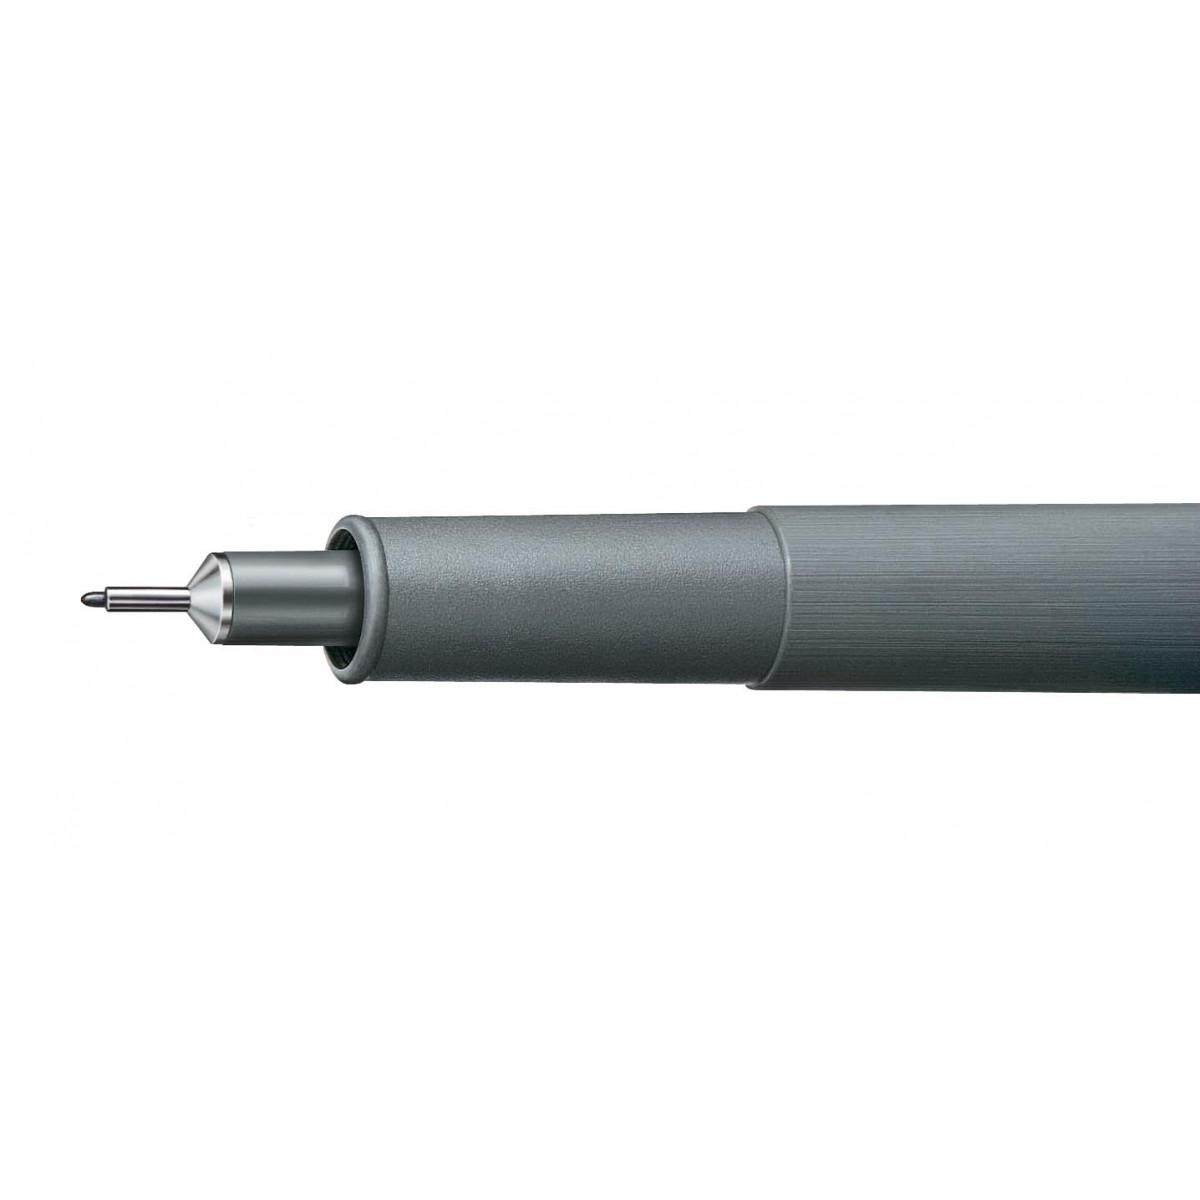 schwarz STAEDTLER Fineliner pigment liner 0,1 mm